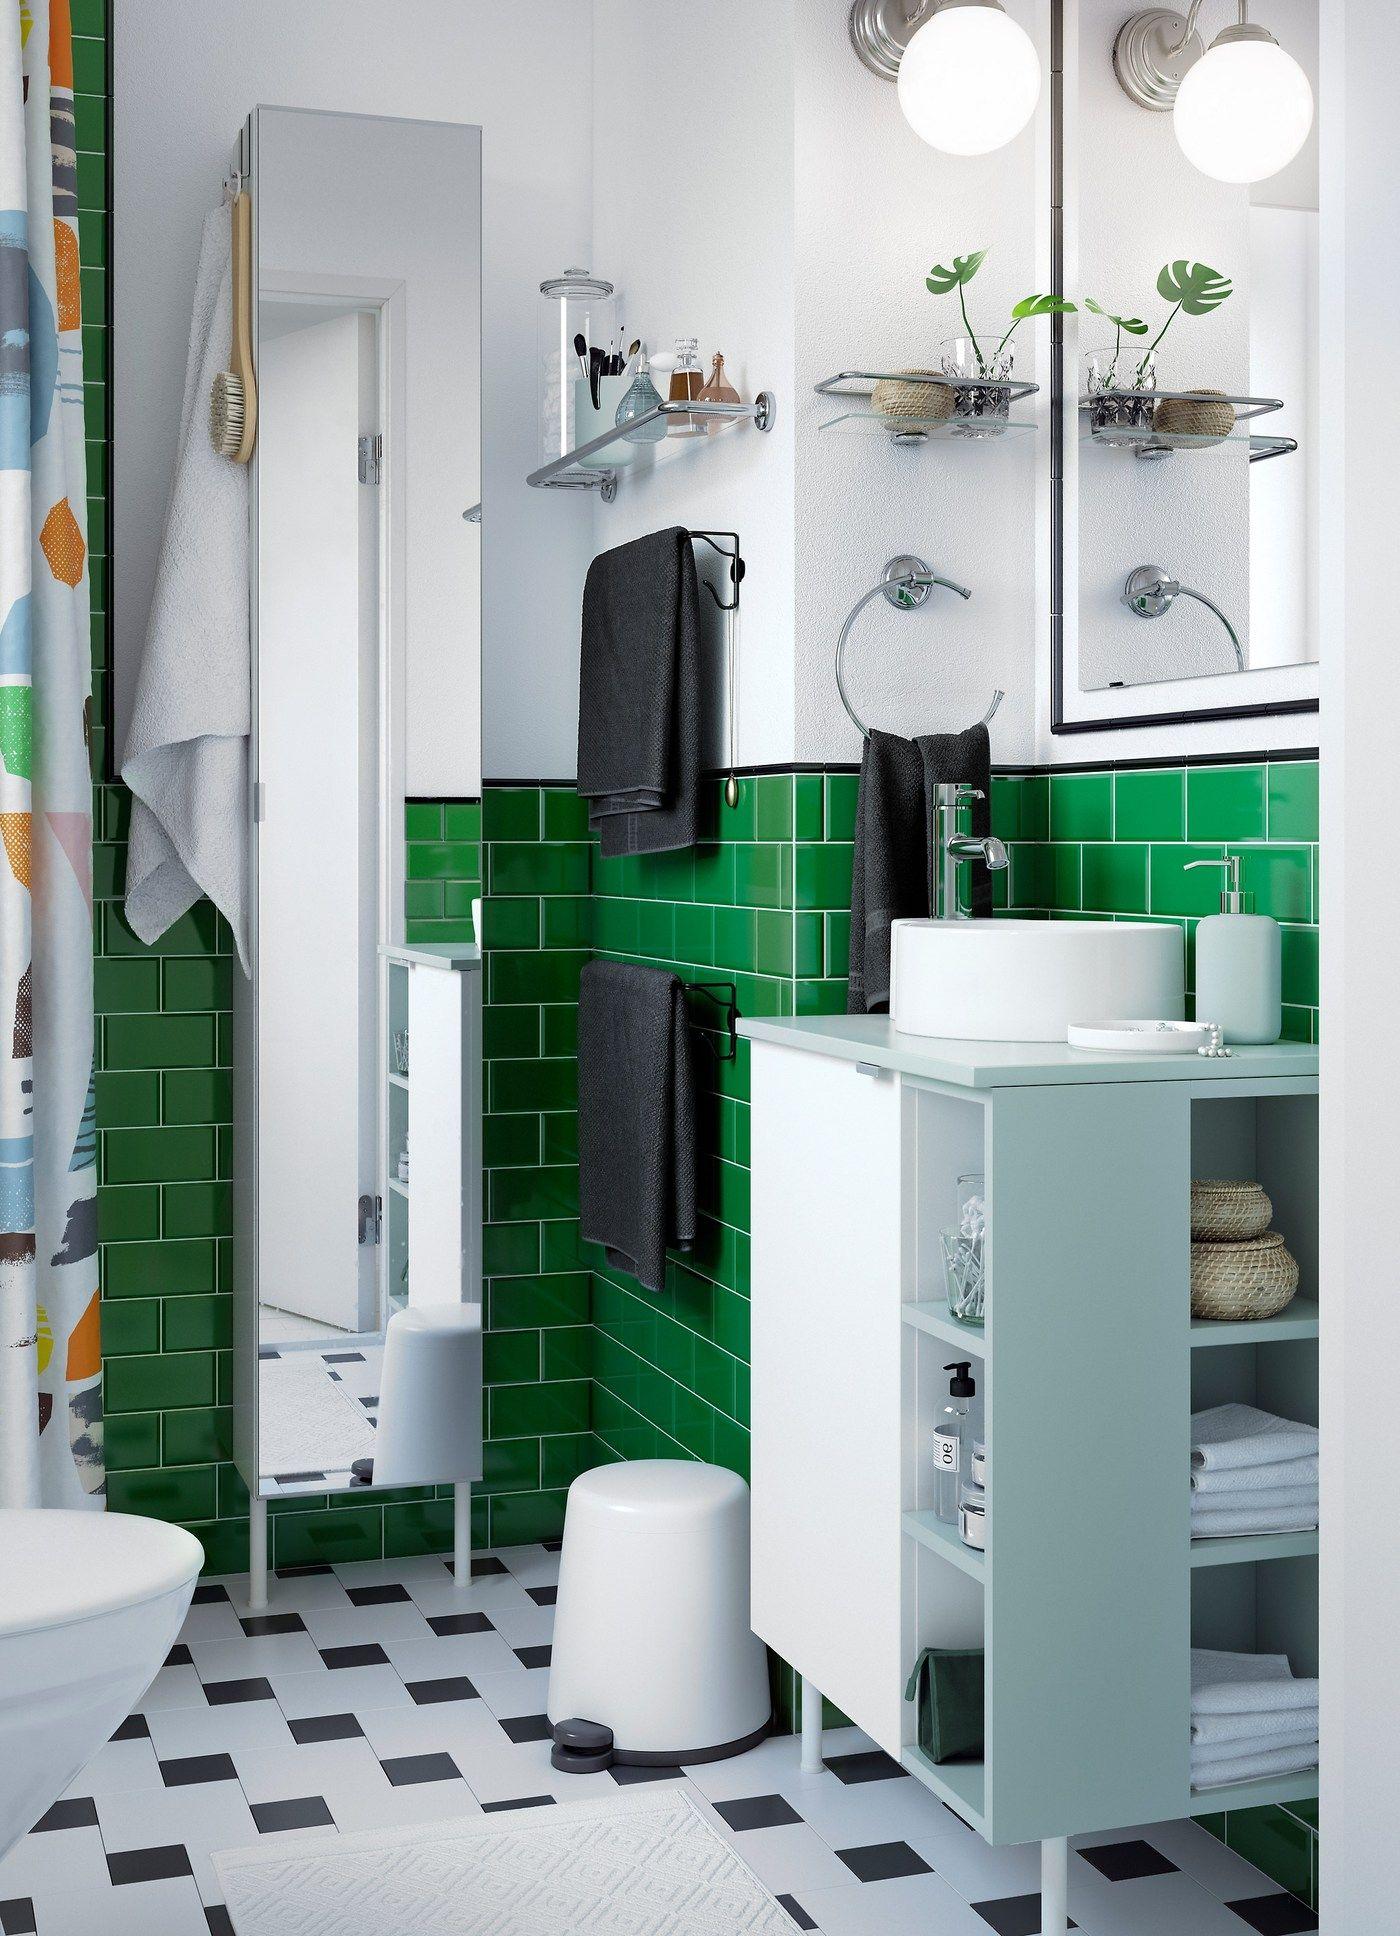 Kleine Badezimmer Einrichten Kleine Badezimmer Design Badezimmer Kleine Badezimmer